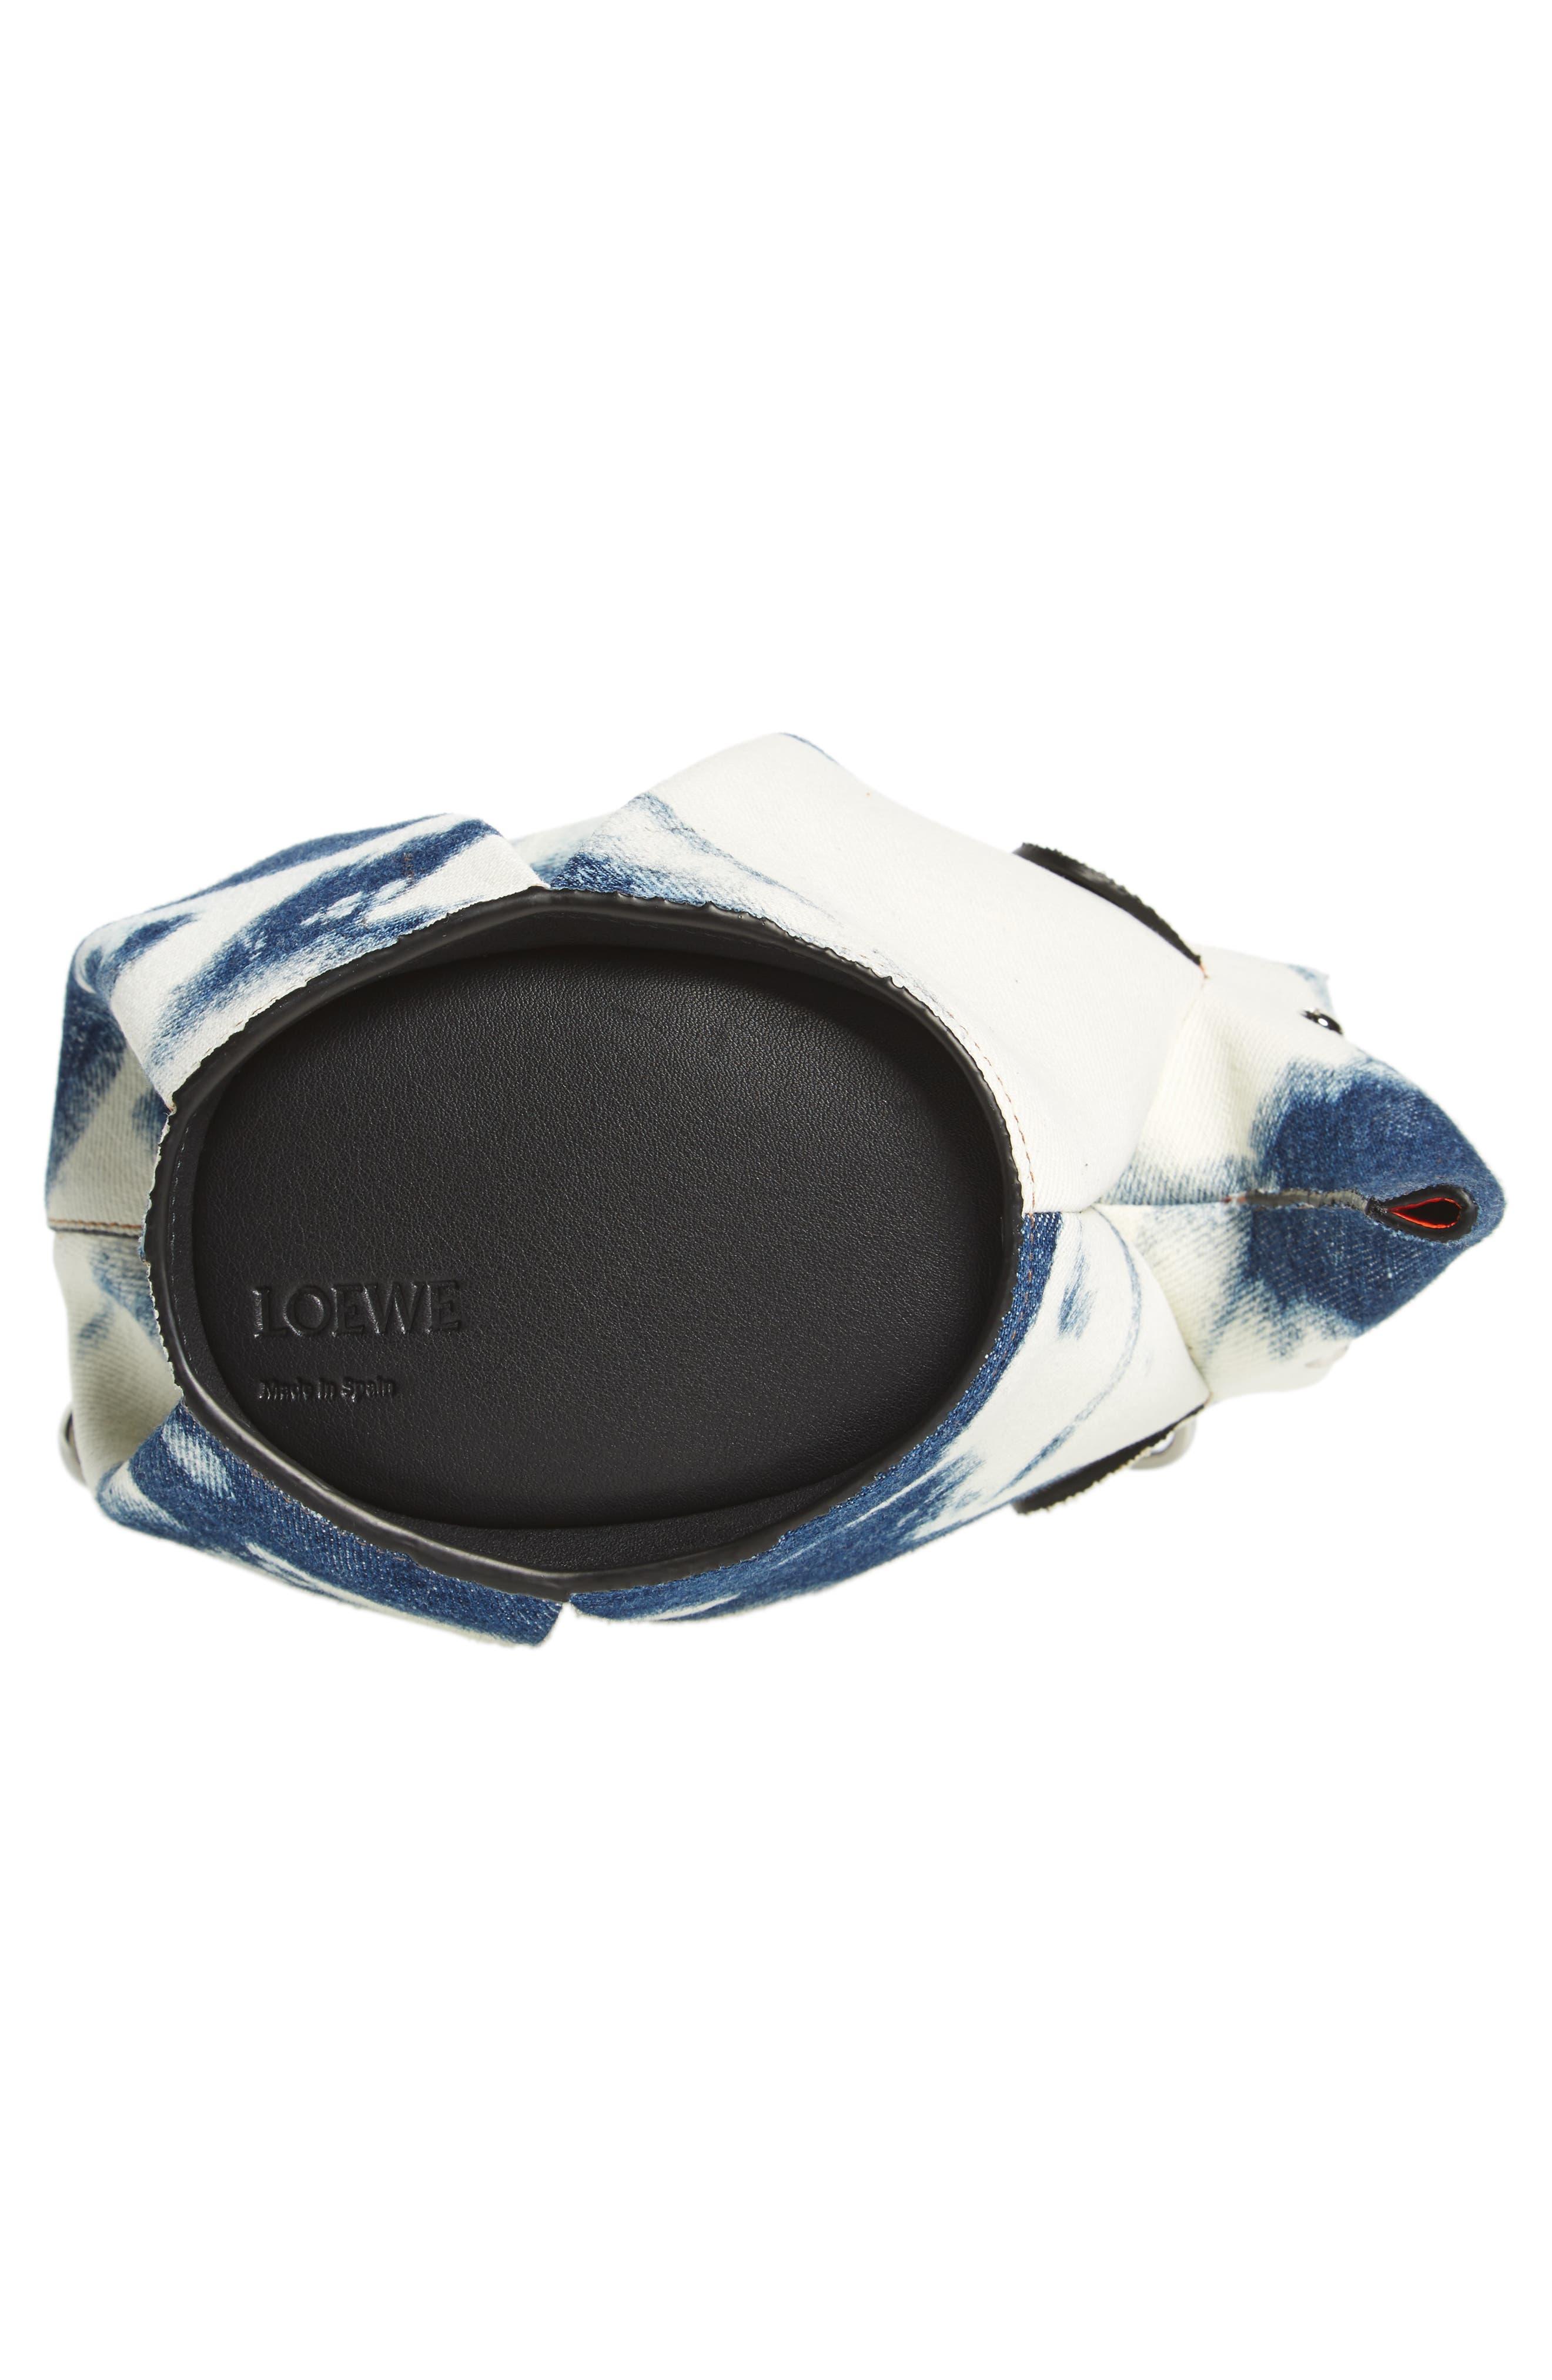 Denim Elephant Crossbody Bag,                             Alternate thumbnail 6, color,                             Blue Denim/ White/ Black